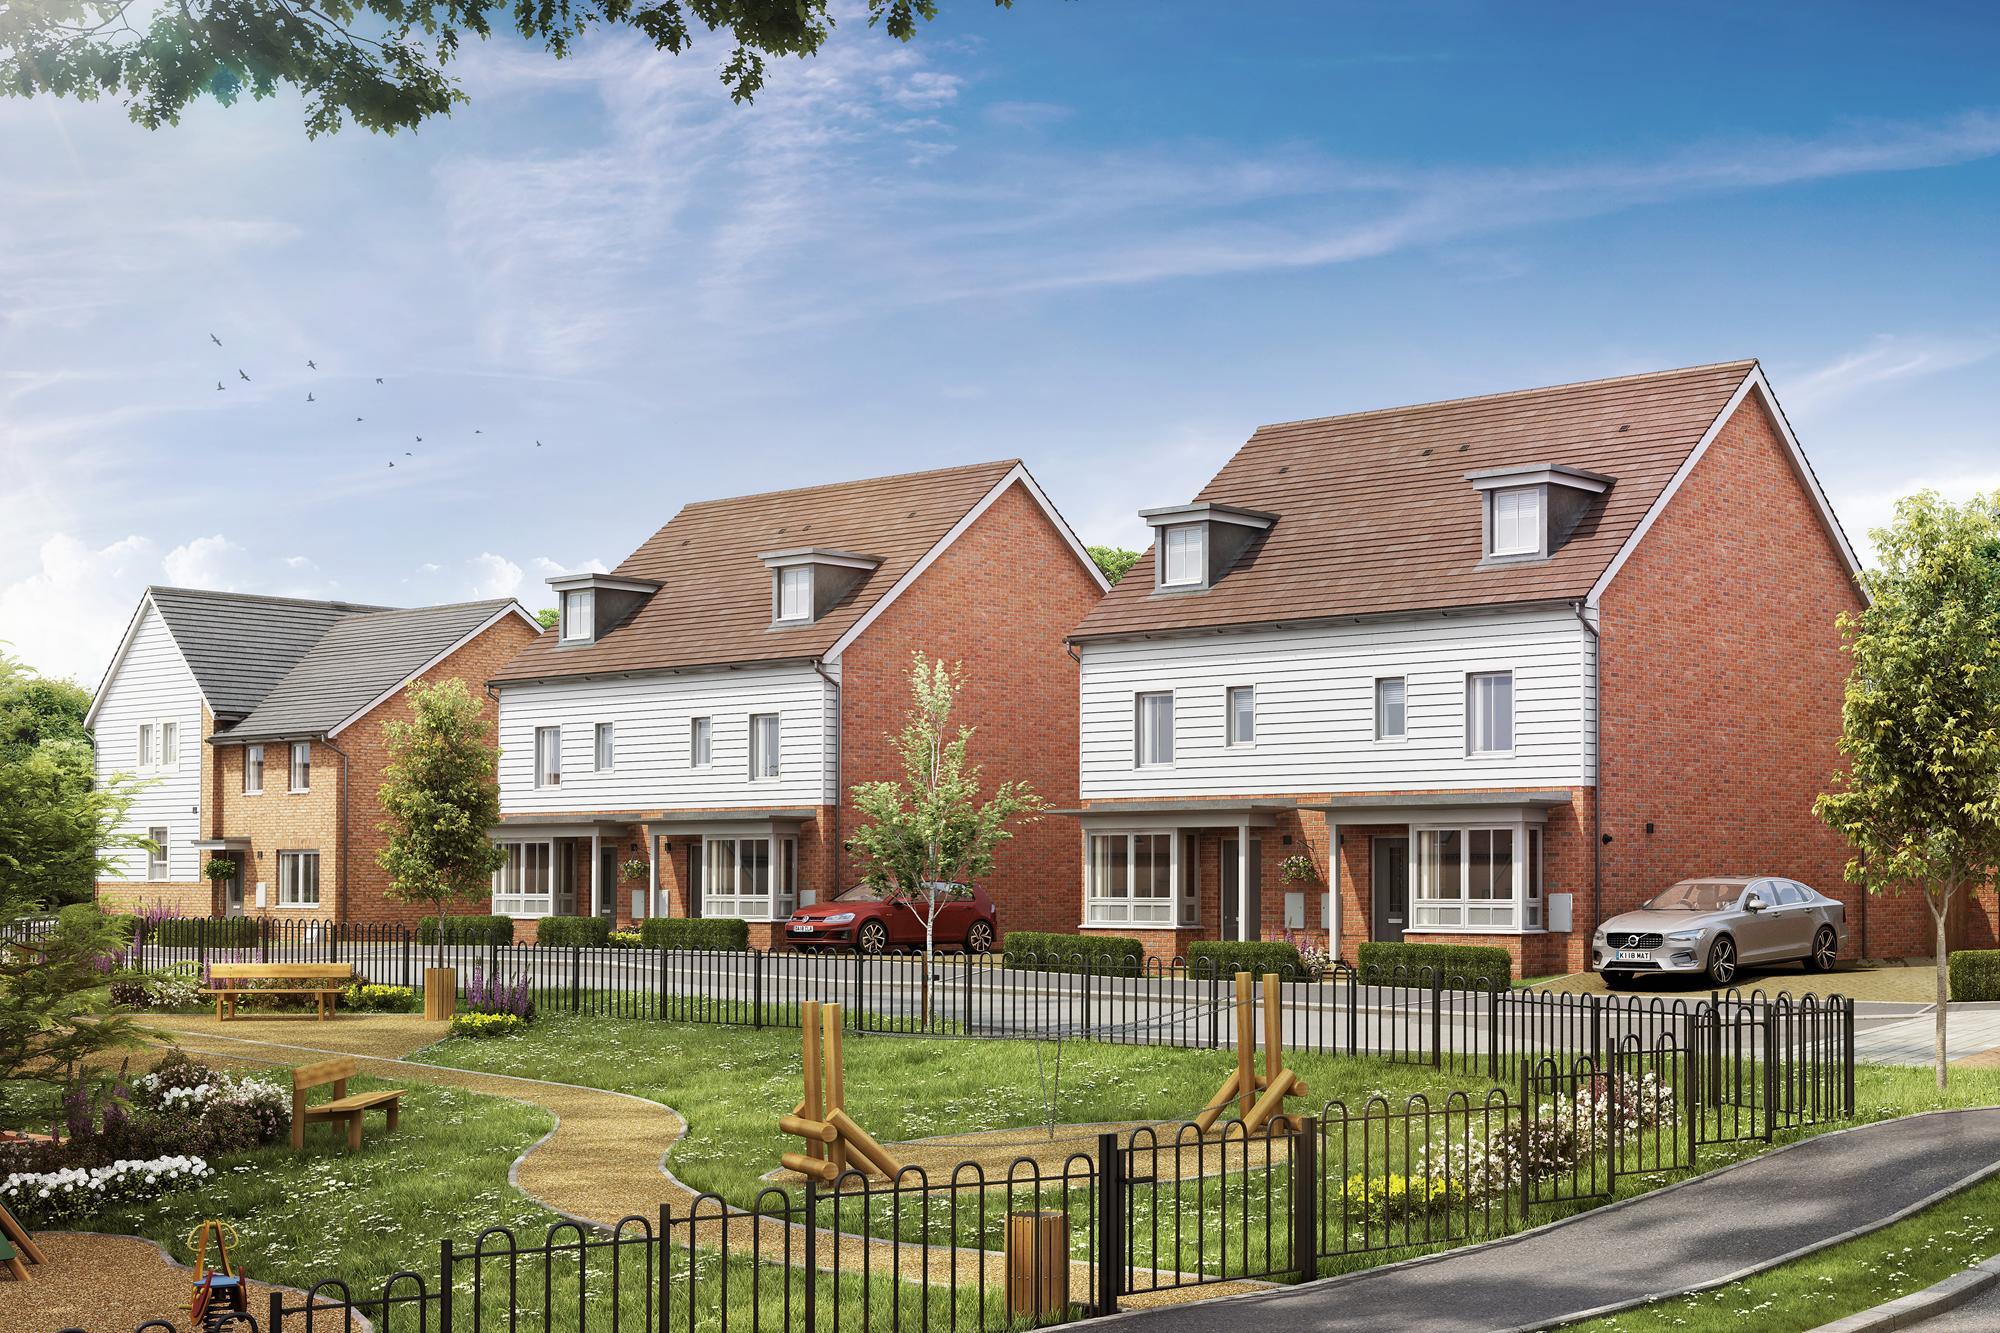 New Build Homes in Haywards Heath